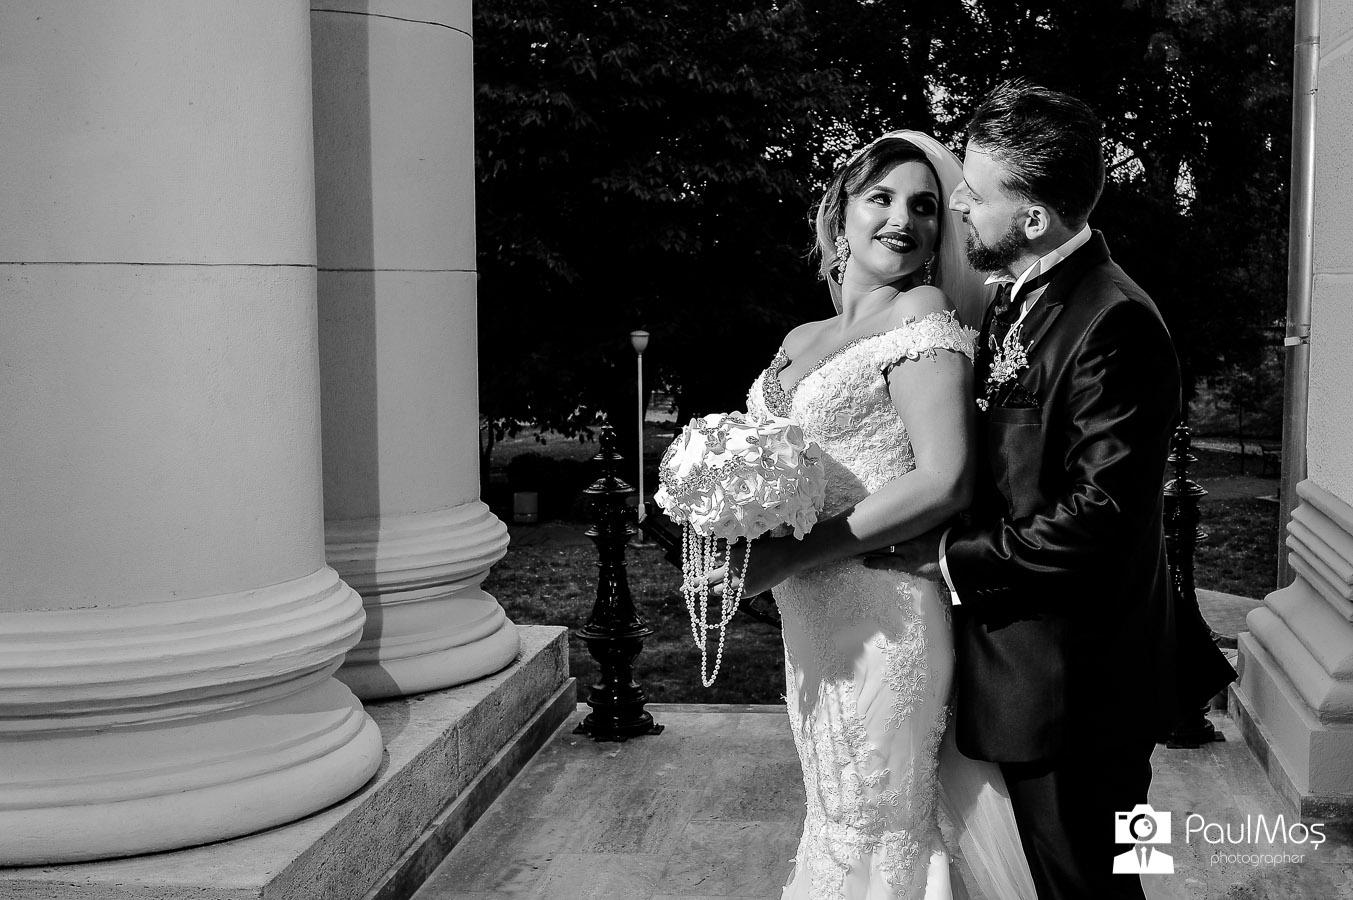 sedinta foto nunta arad, fotografii nunta, foto video nunta, servicii foto-video arad